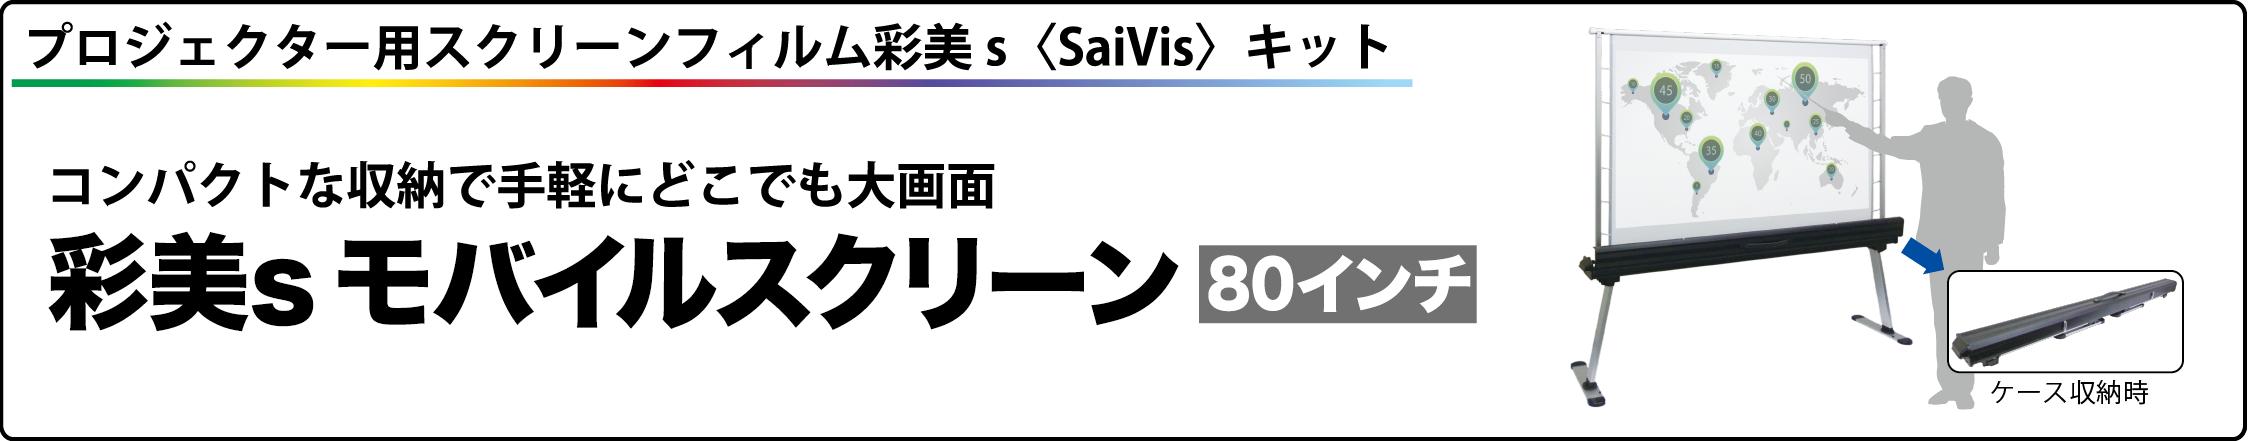 saivis_mobile